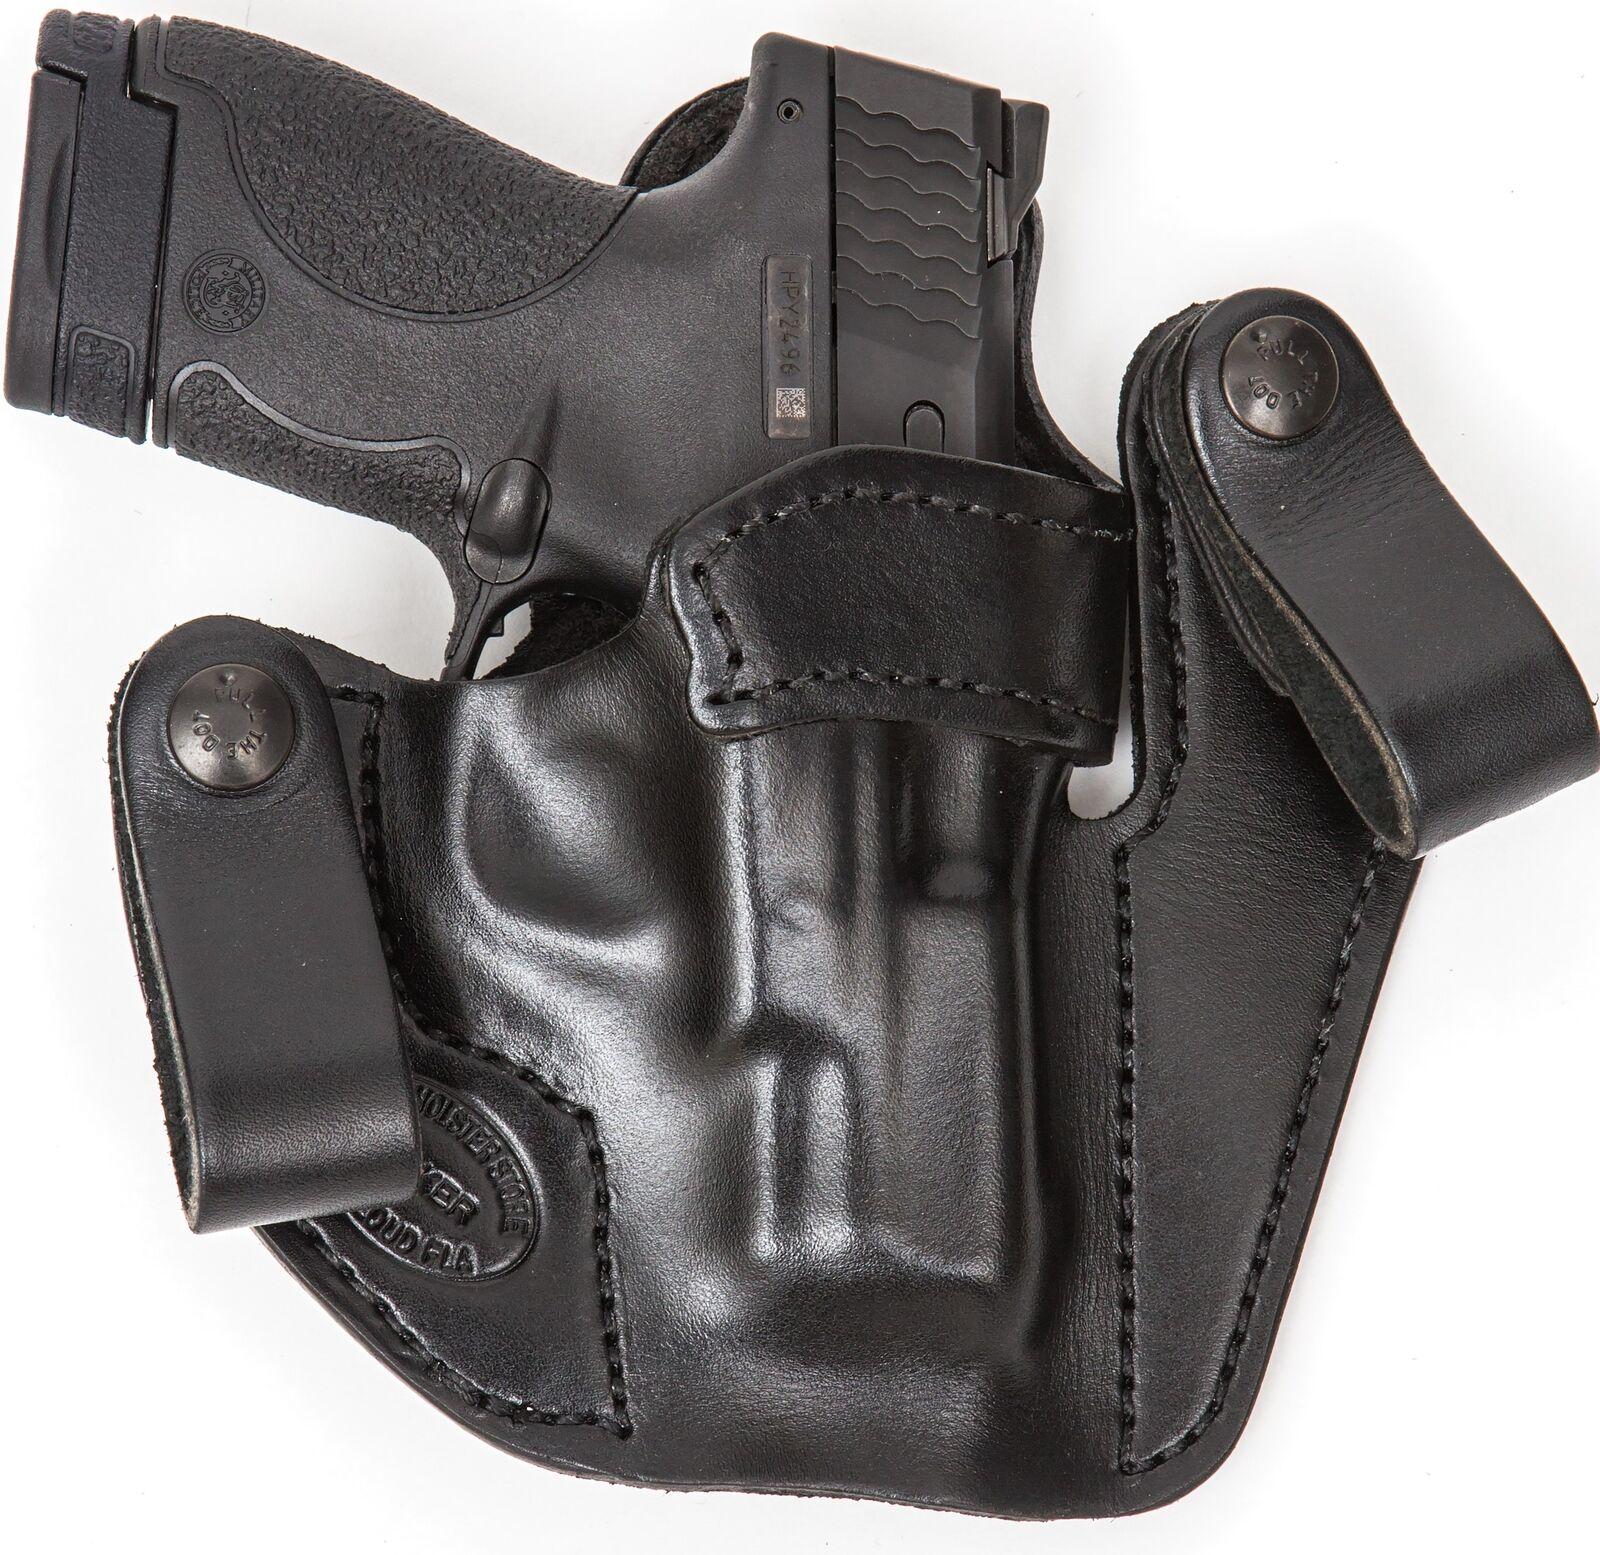 XTREME For CARRY RH LH IWB Leder Gun Holster For XTREME CZ P01 Full Größe b3e971